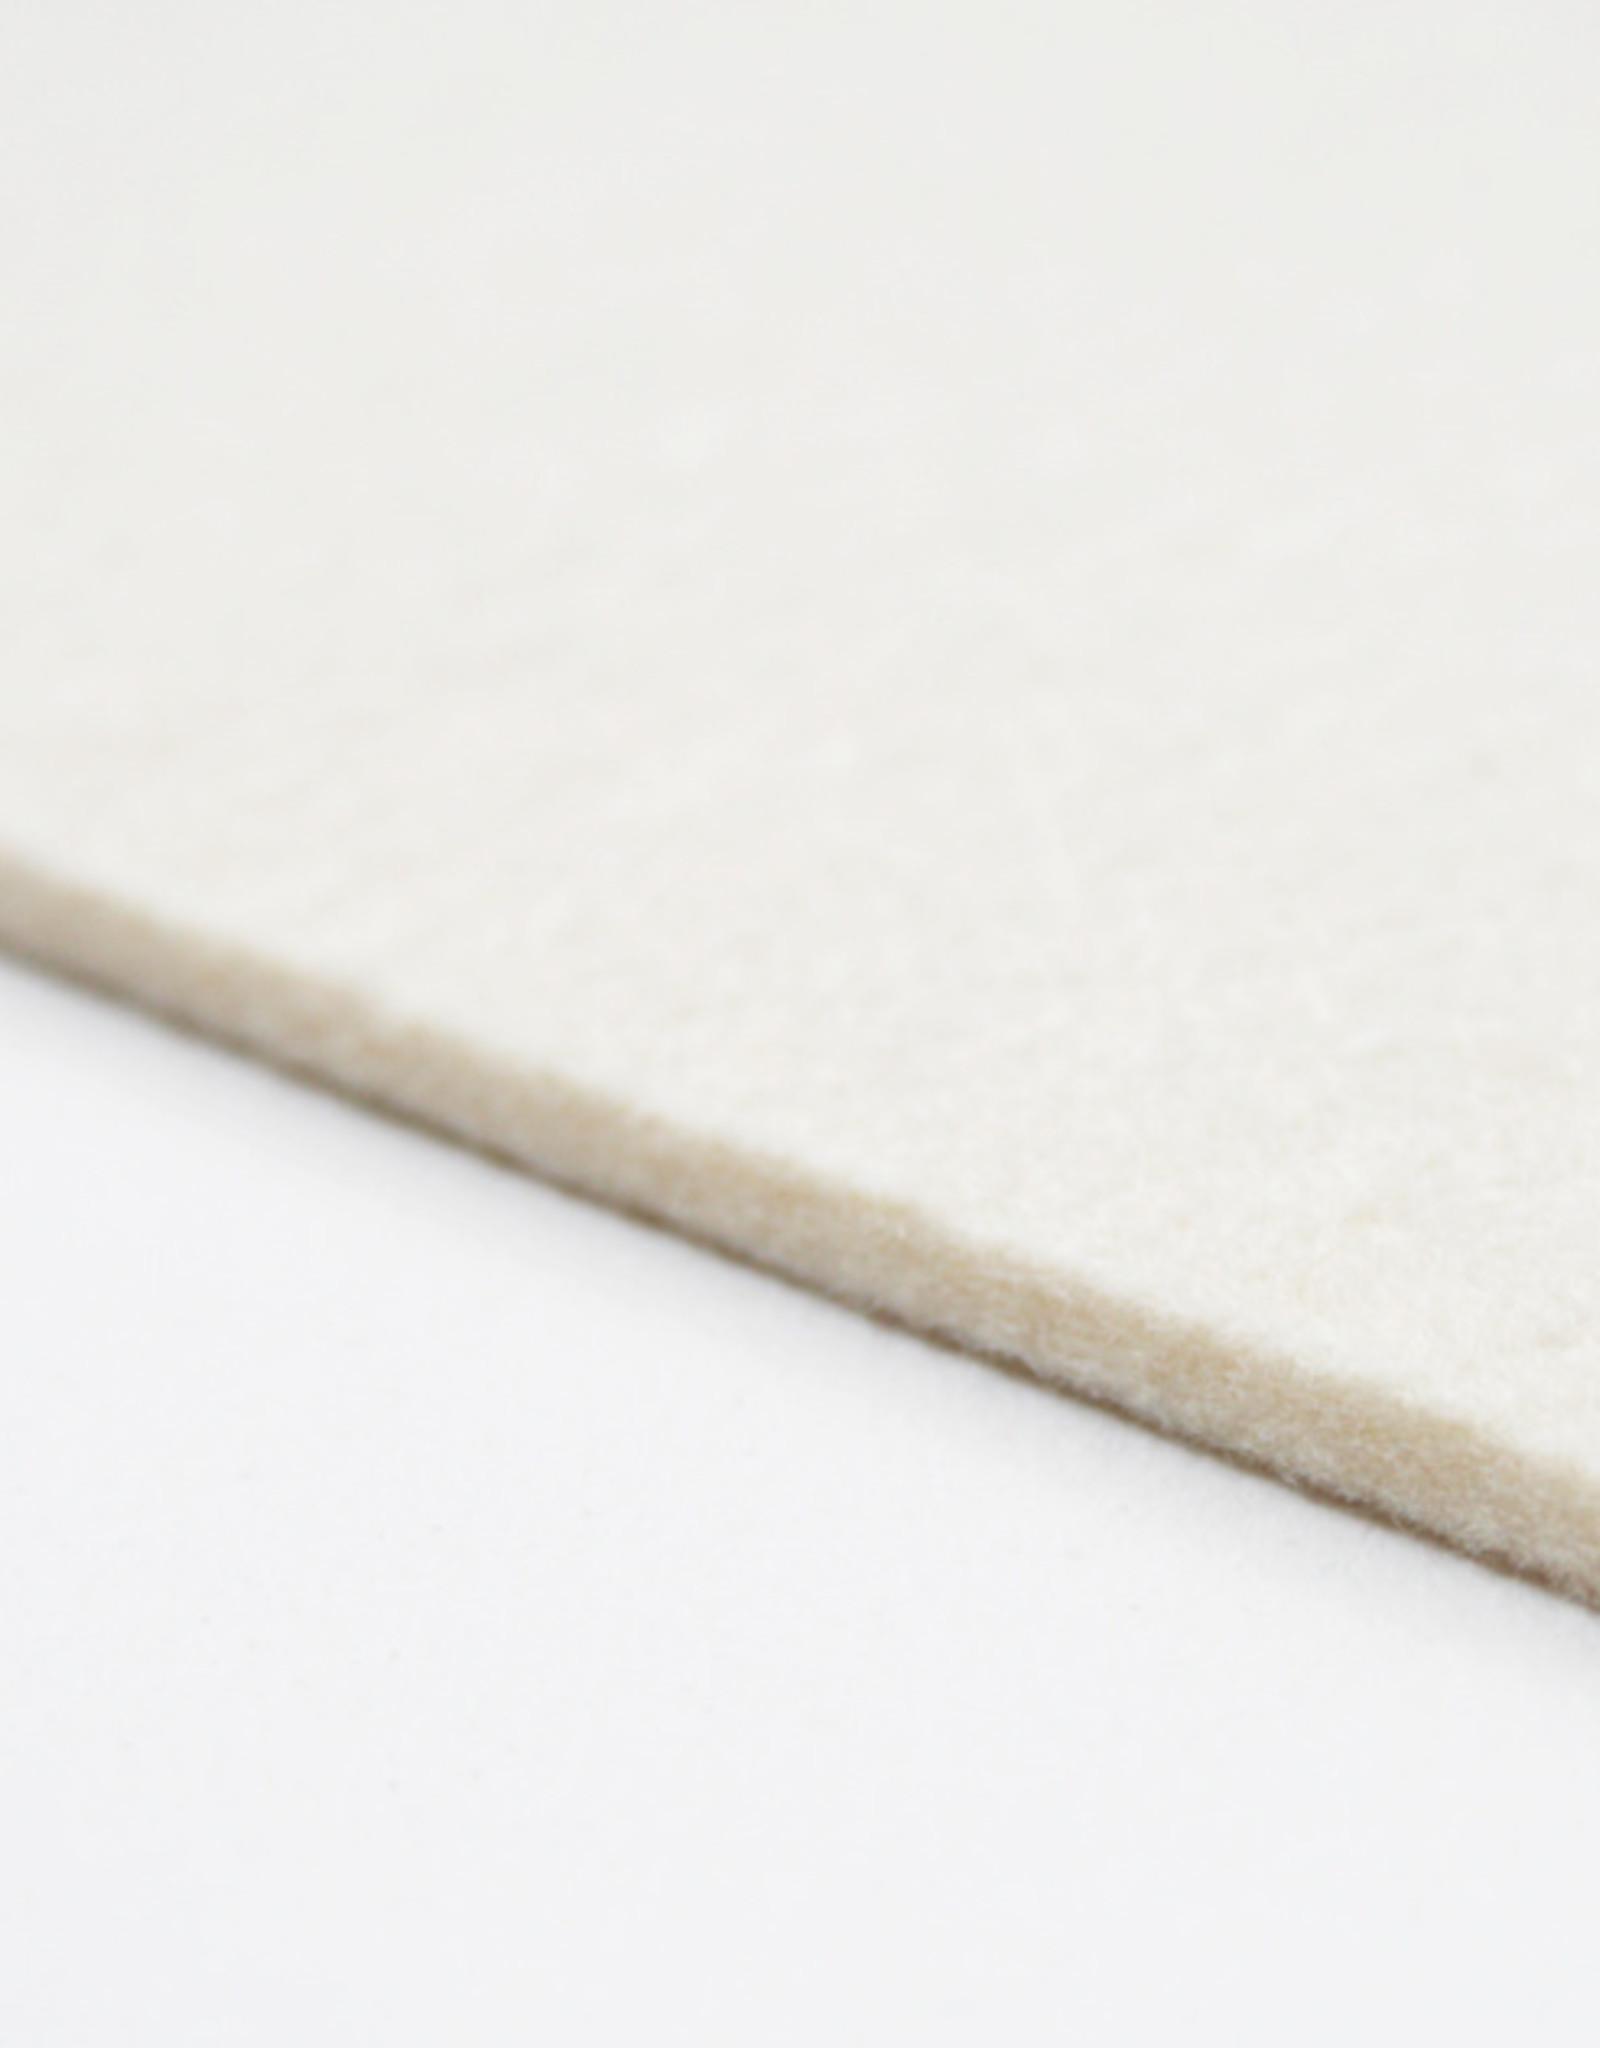 Topkwaliteit Geperst Wolvilt 3mm dik, Gebroken Wit. Dit harde geperste vilt is erg maatvast in de breedte maar ook compact in de radiaaldruk. Geschikt voor zere intensief en professioneel gebruik